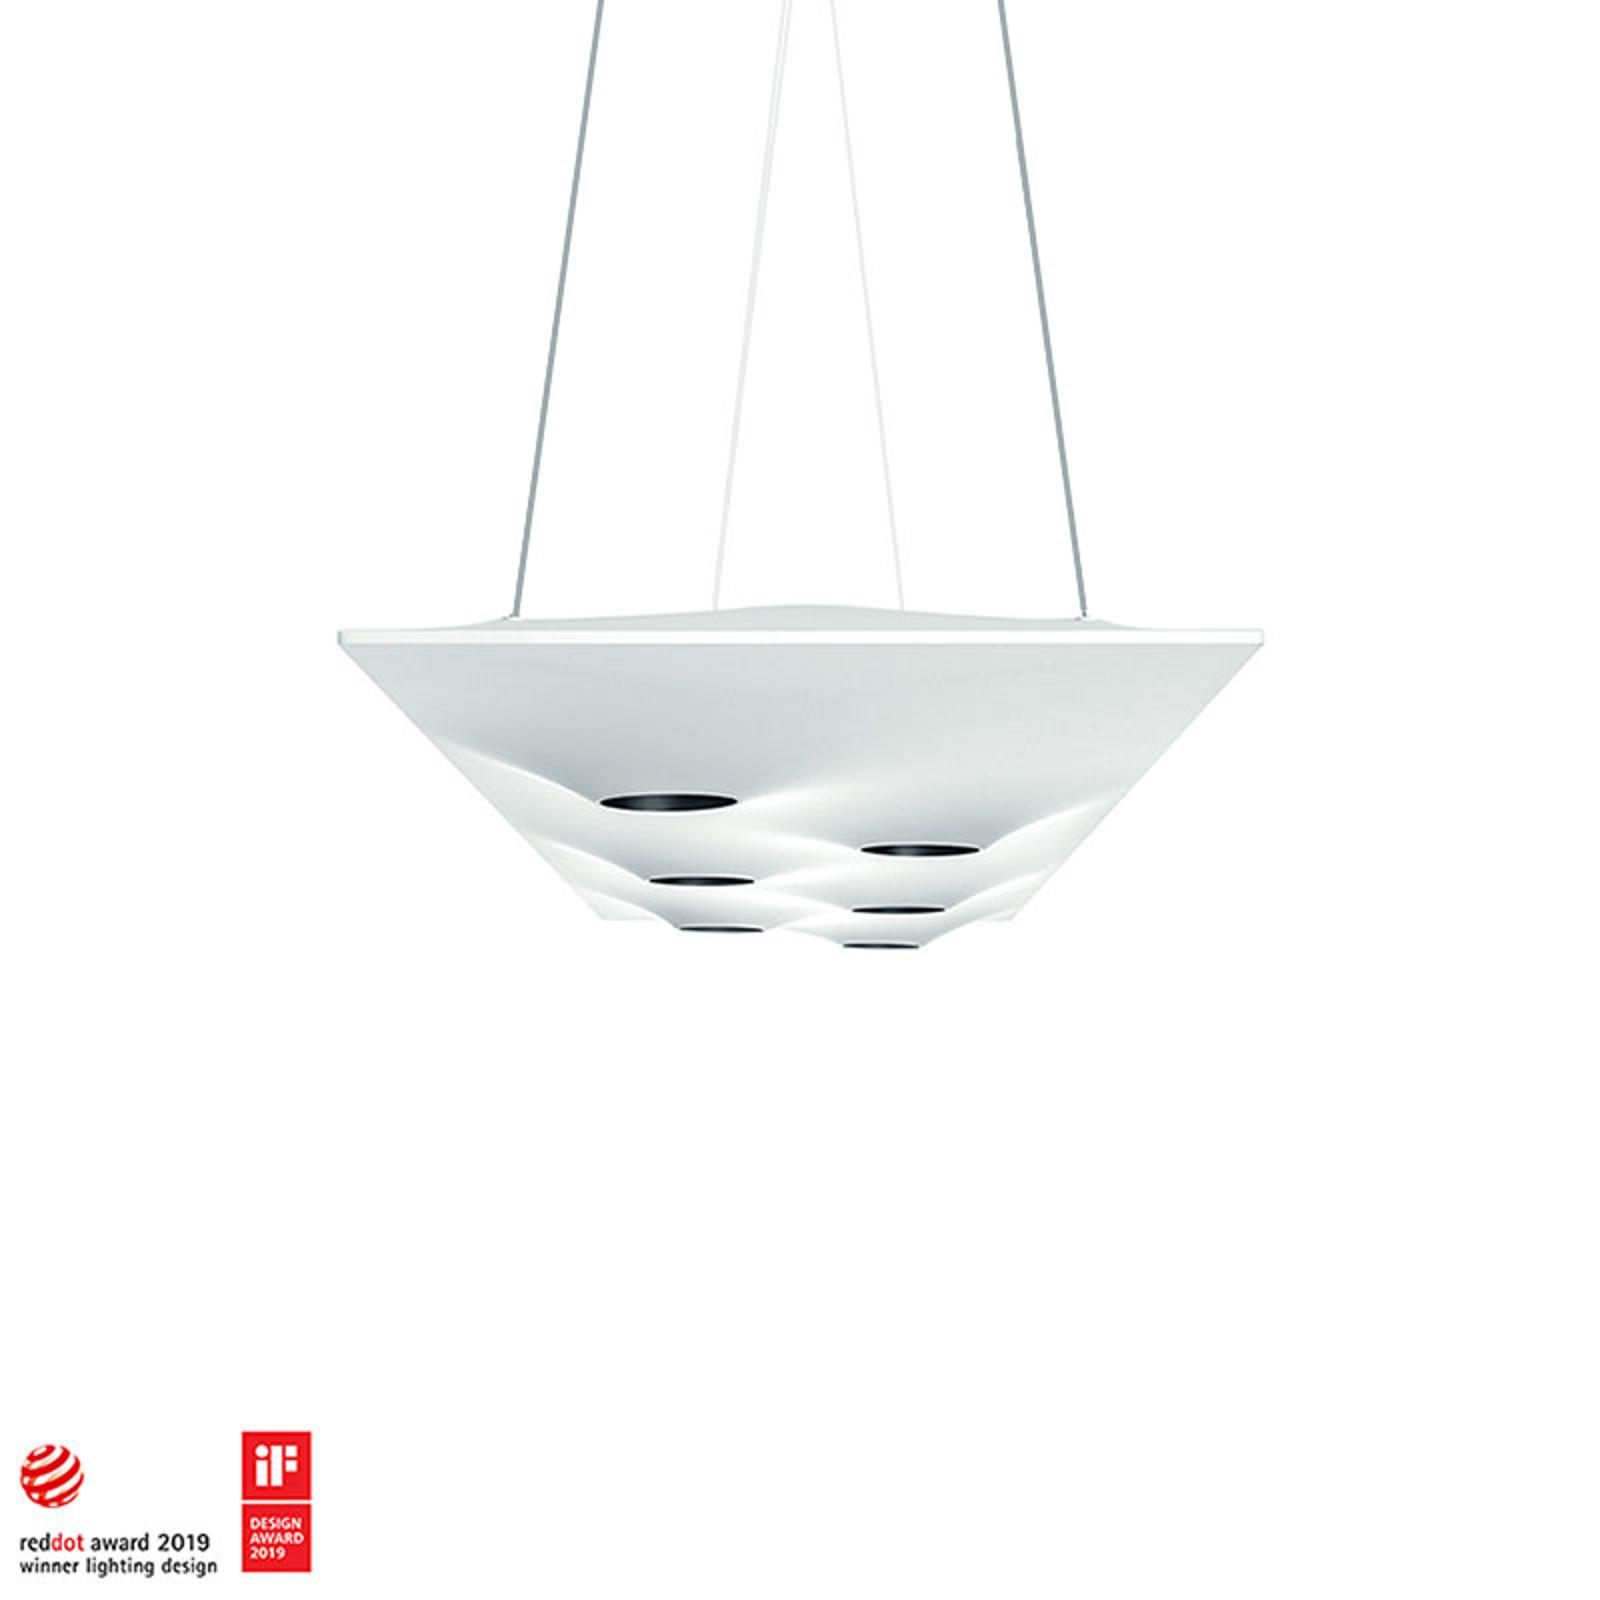 Zumtobel Teela LED-Hängeleuchte Bluetooth 60 cm